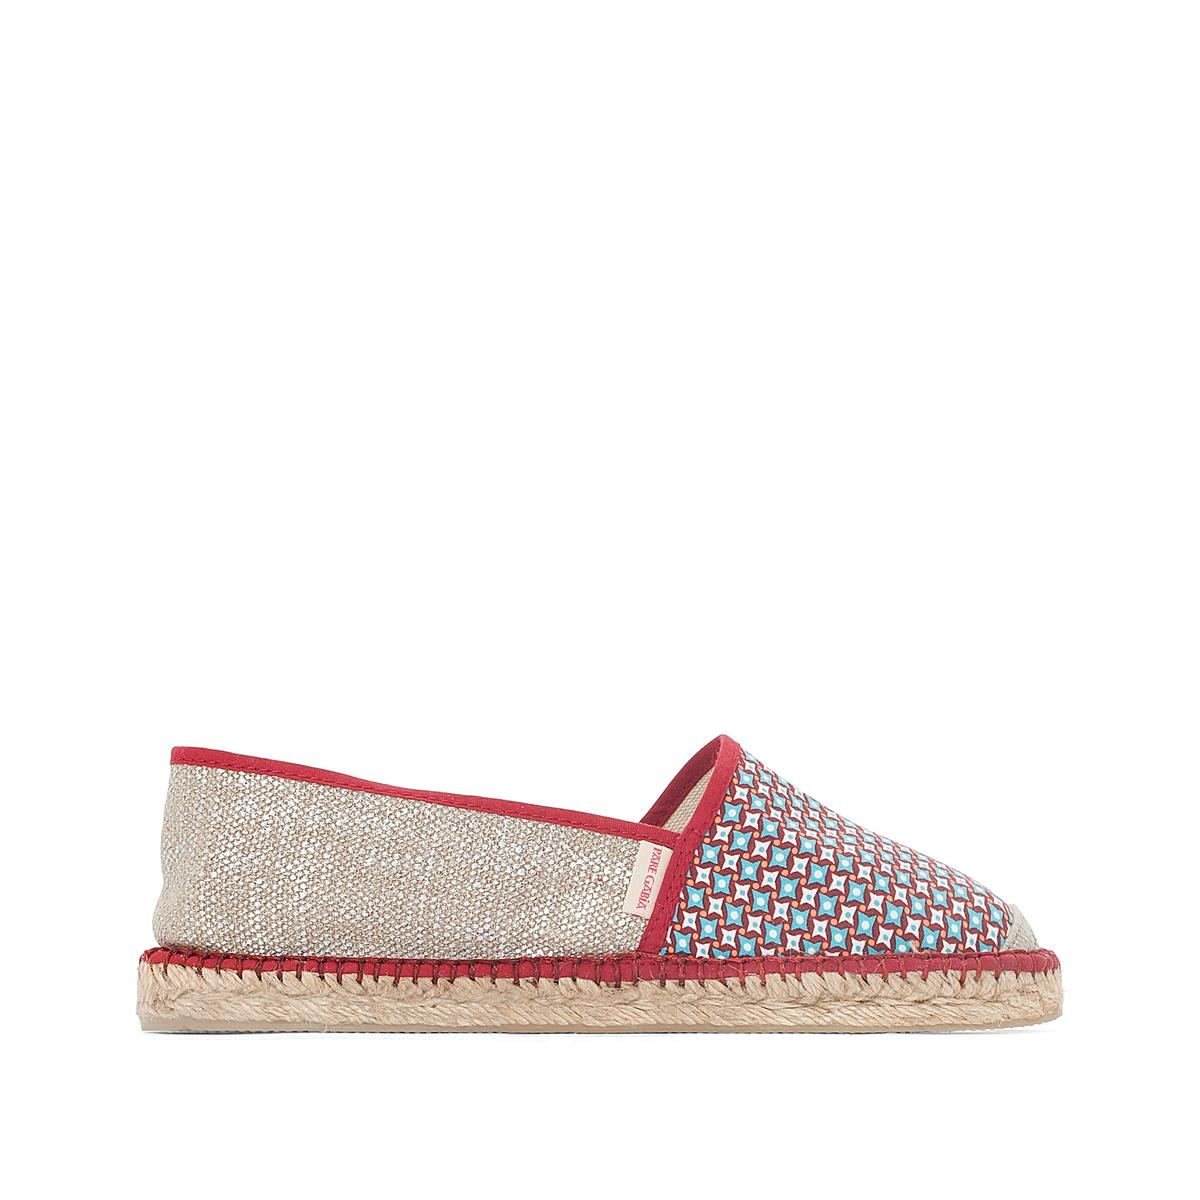 Туфли VP MixВерх: полотно и текстиль.Стелька: шнур.Подошва: каучук.Высота каблука: 2 см.Форма каблука: плоский каблук.Мысок: закругленный.Застежка: без застежки.<br><br>Цвет: бордовый/рисунок<br>Размер: 40.39.37